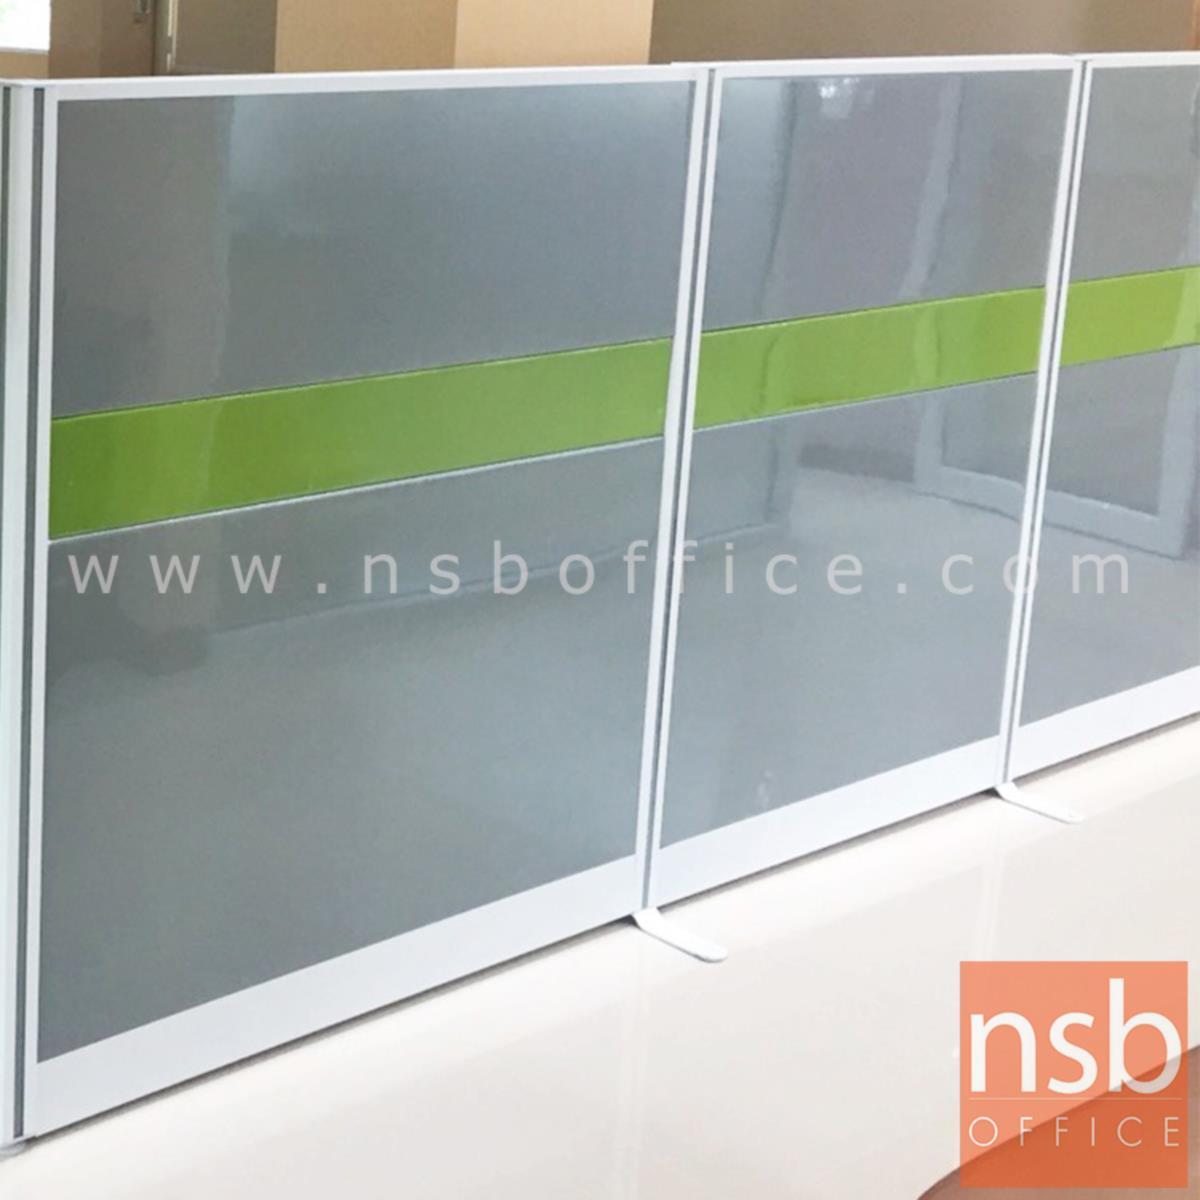 พาร์ทิชั่น NSB ทึบล้วน สี Two Tone พร้อมเสาเริ่ม  สูง 120 cm.